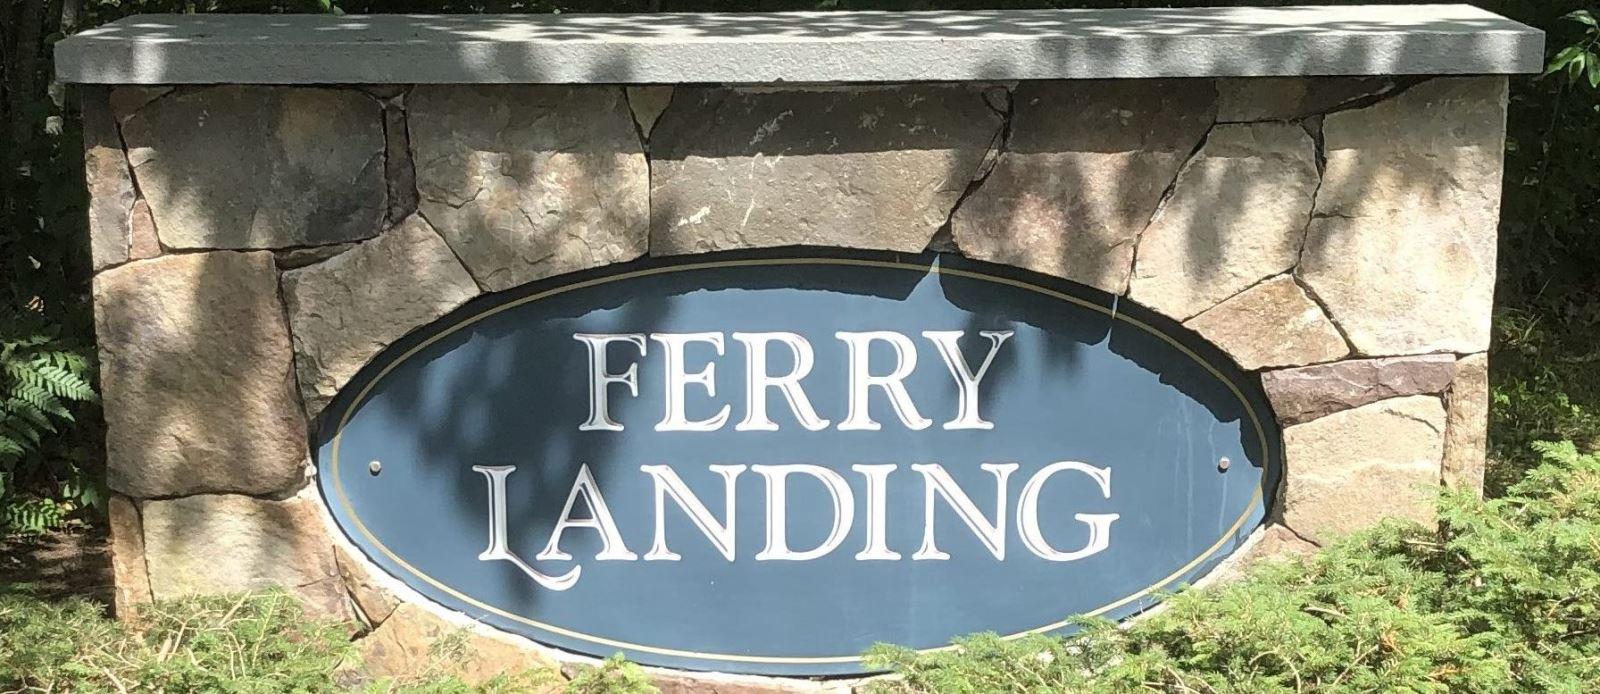 Ferry Landing HOA Website - Home